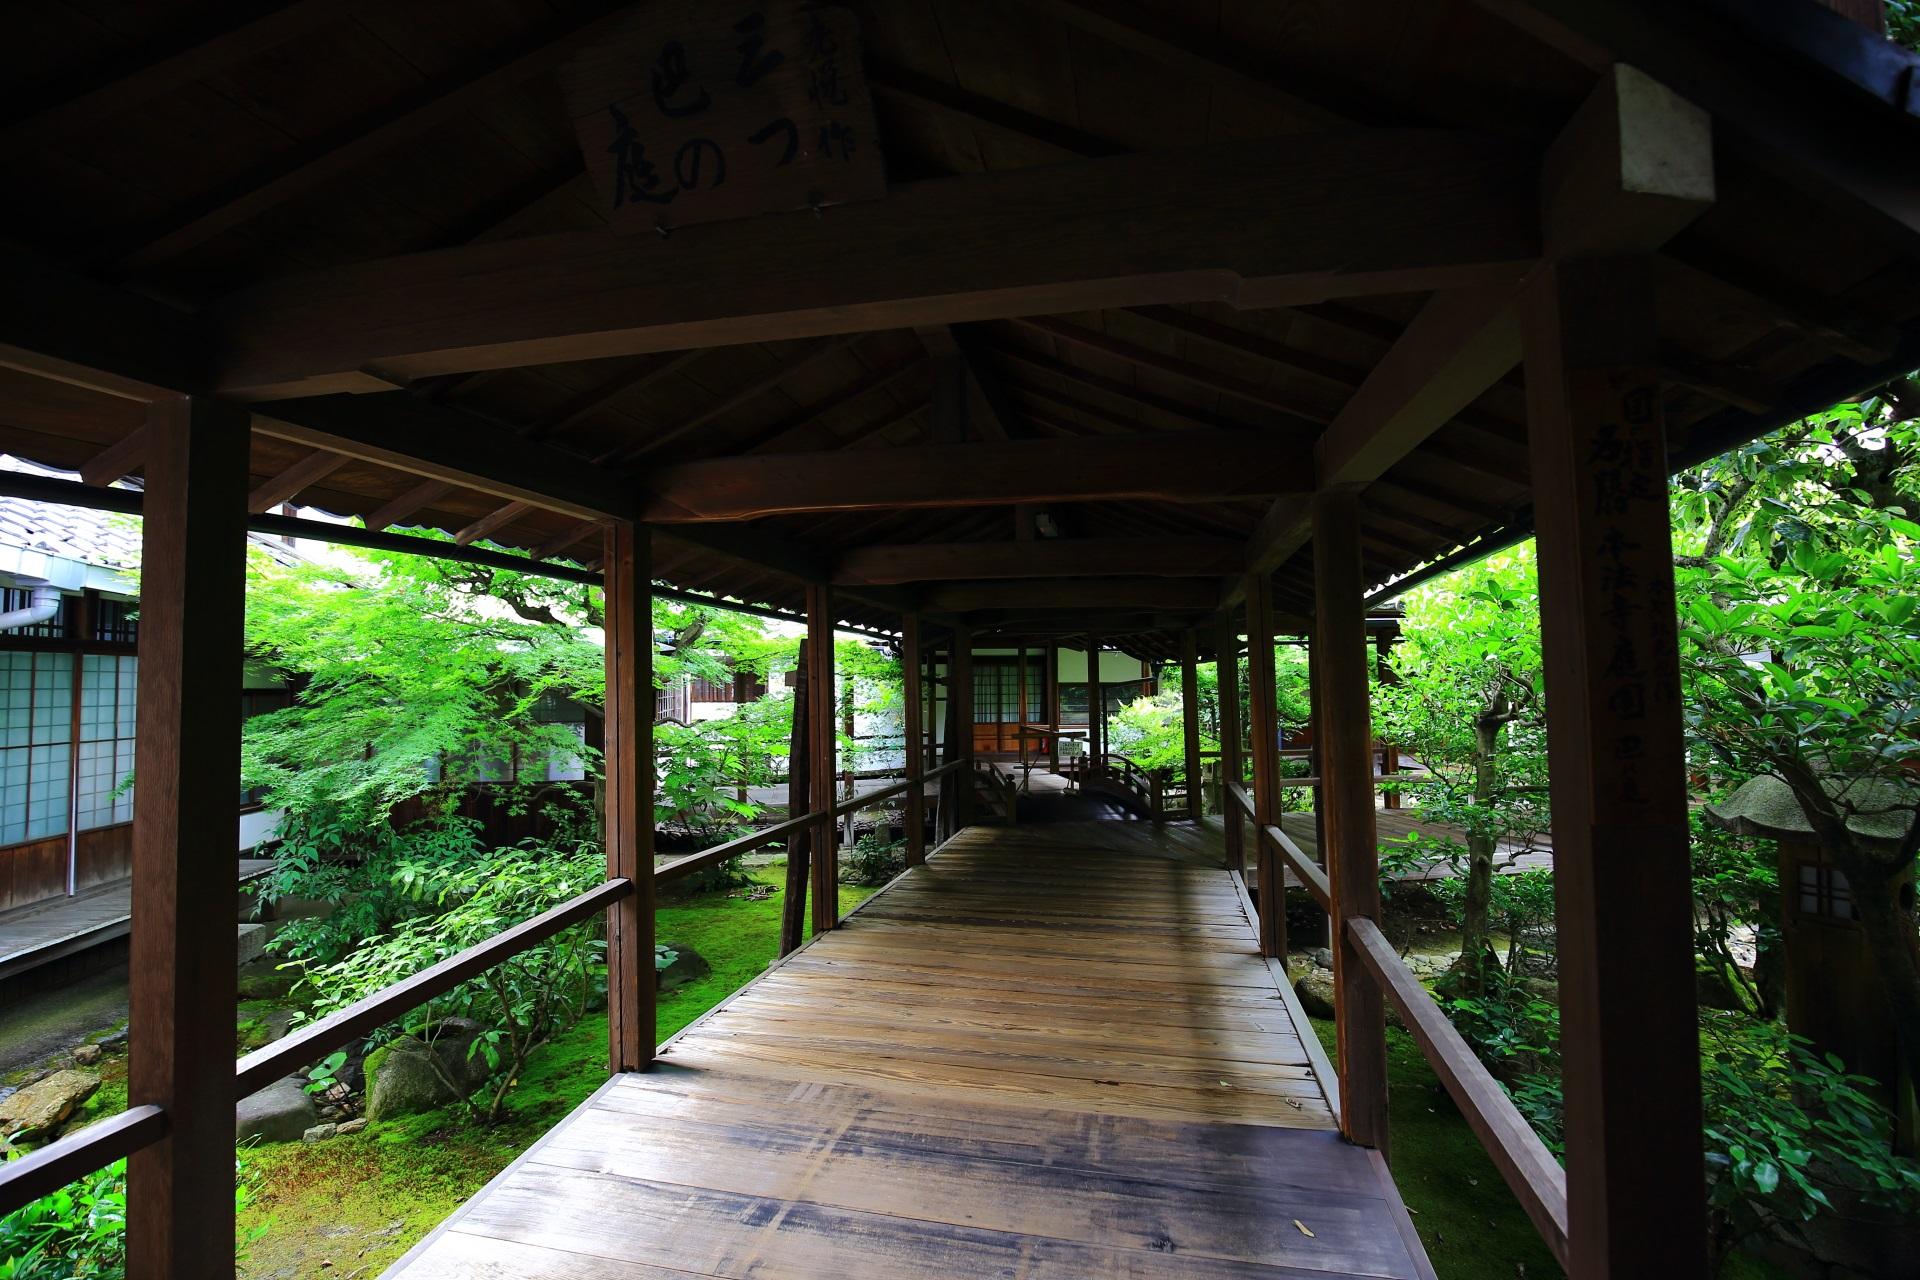 本法寺の巴の庭の入口の回廊